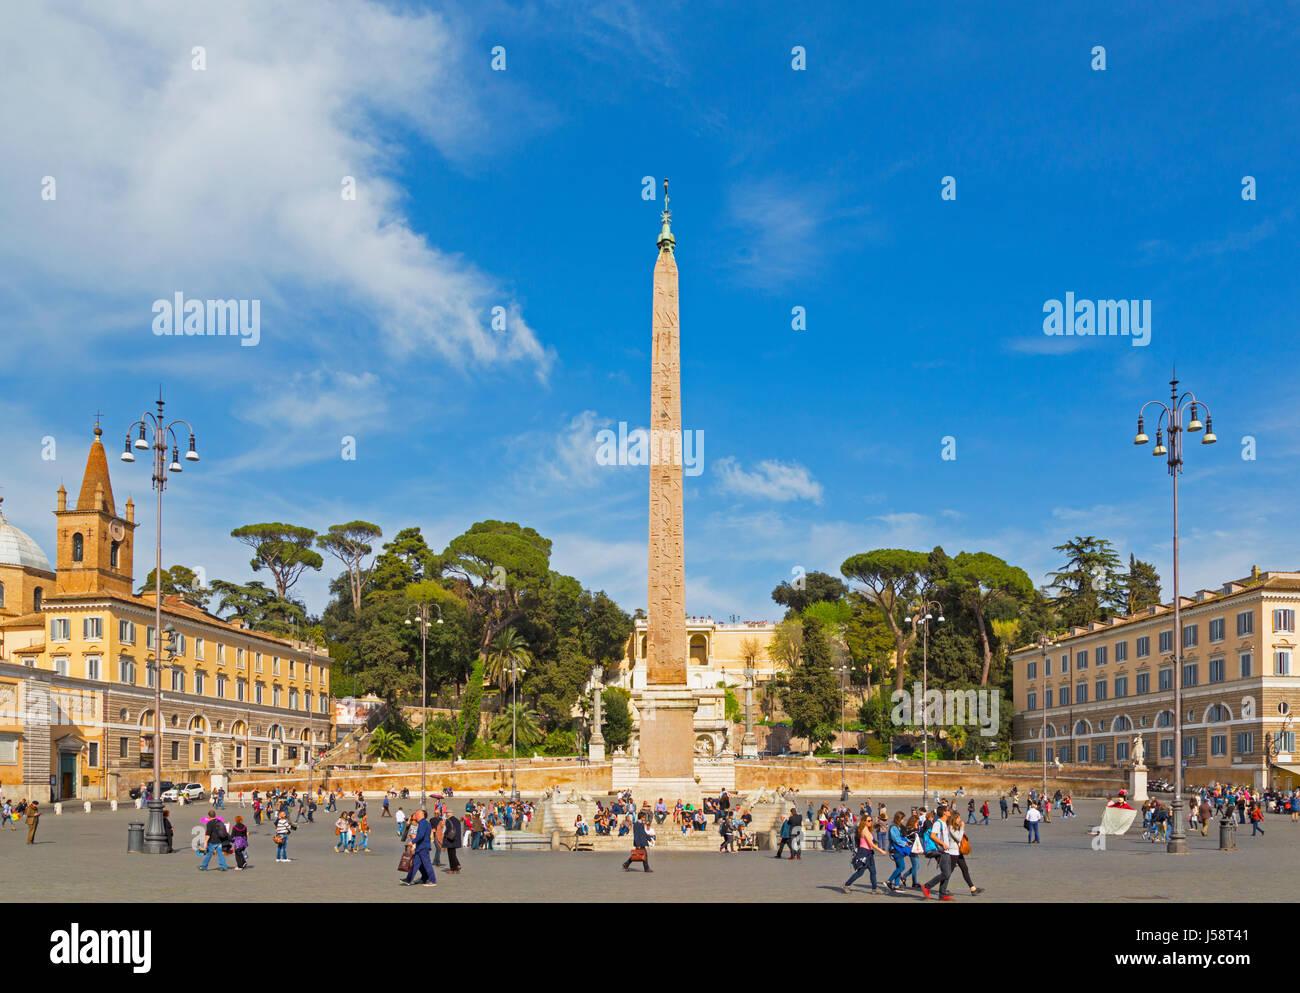 j 41 rome - photo#11